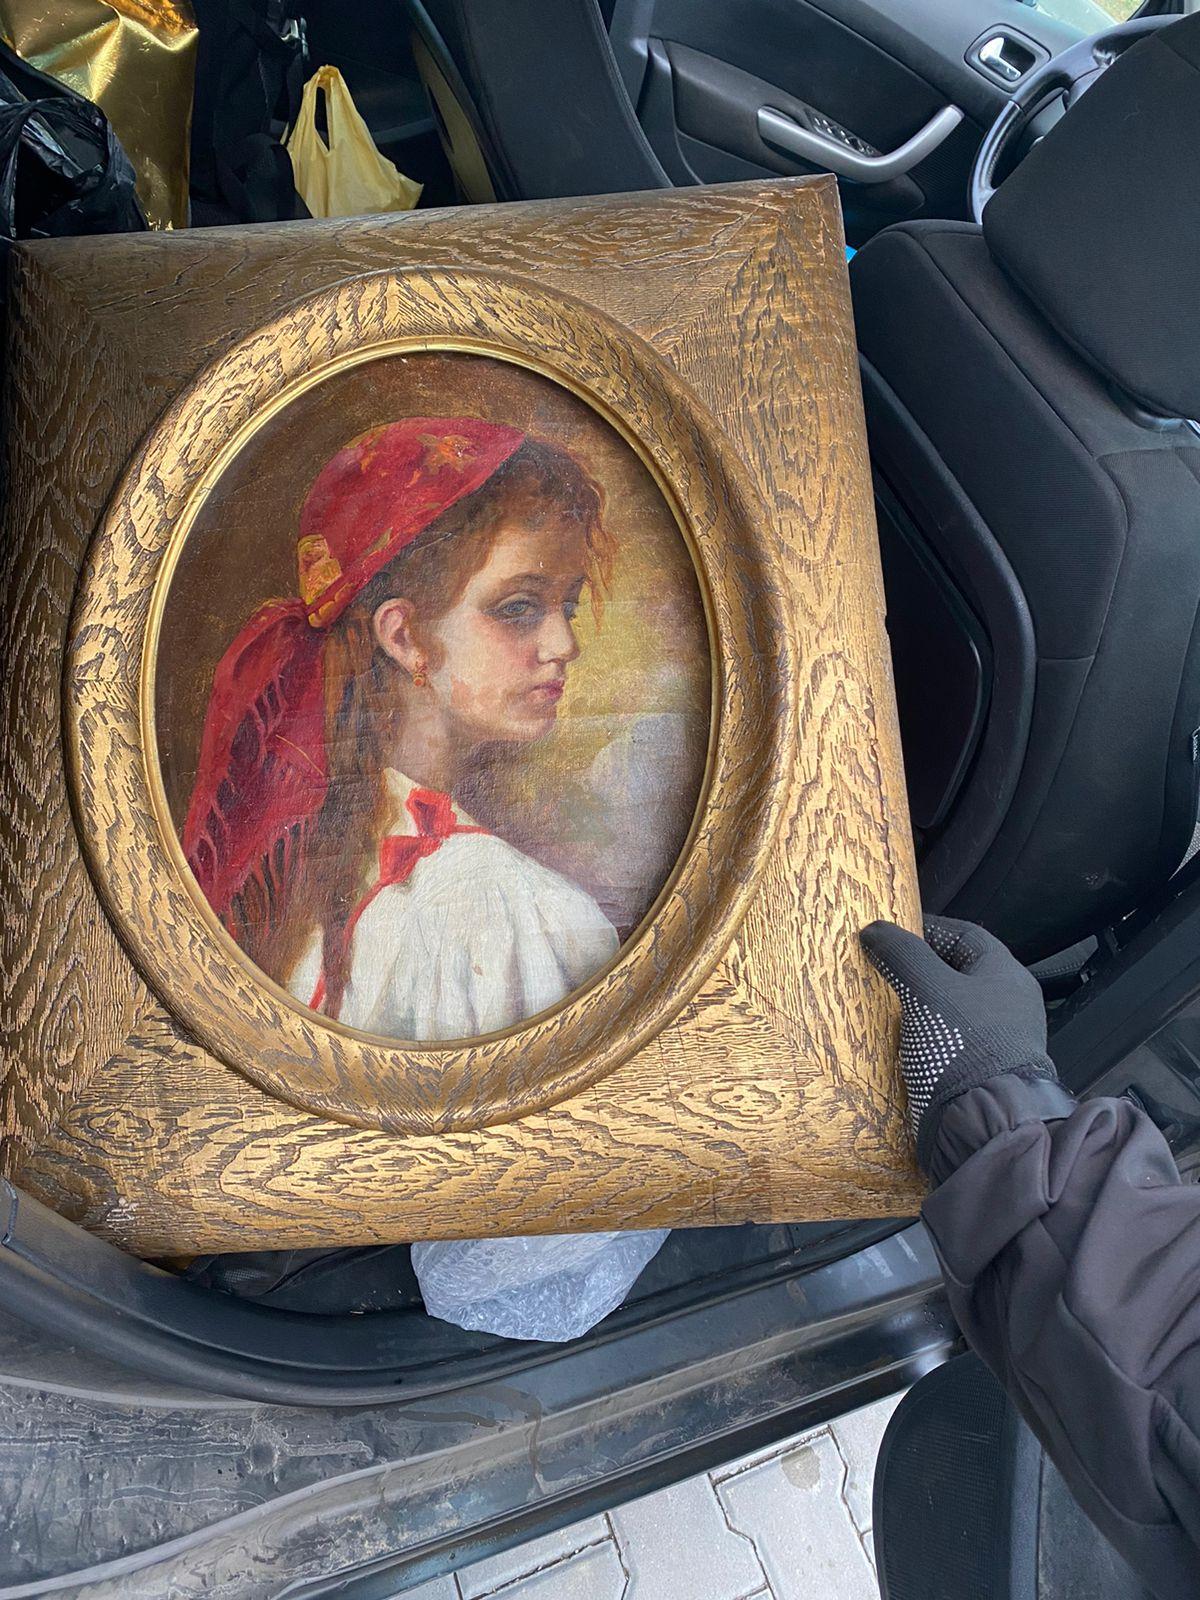 Австриец пытался вывезти из страны через паромный комплекс Орловка-Исакча предметы старины